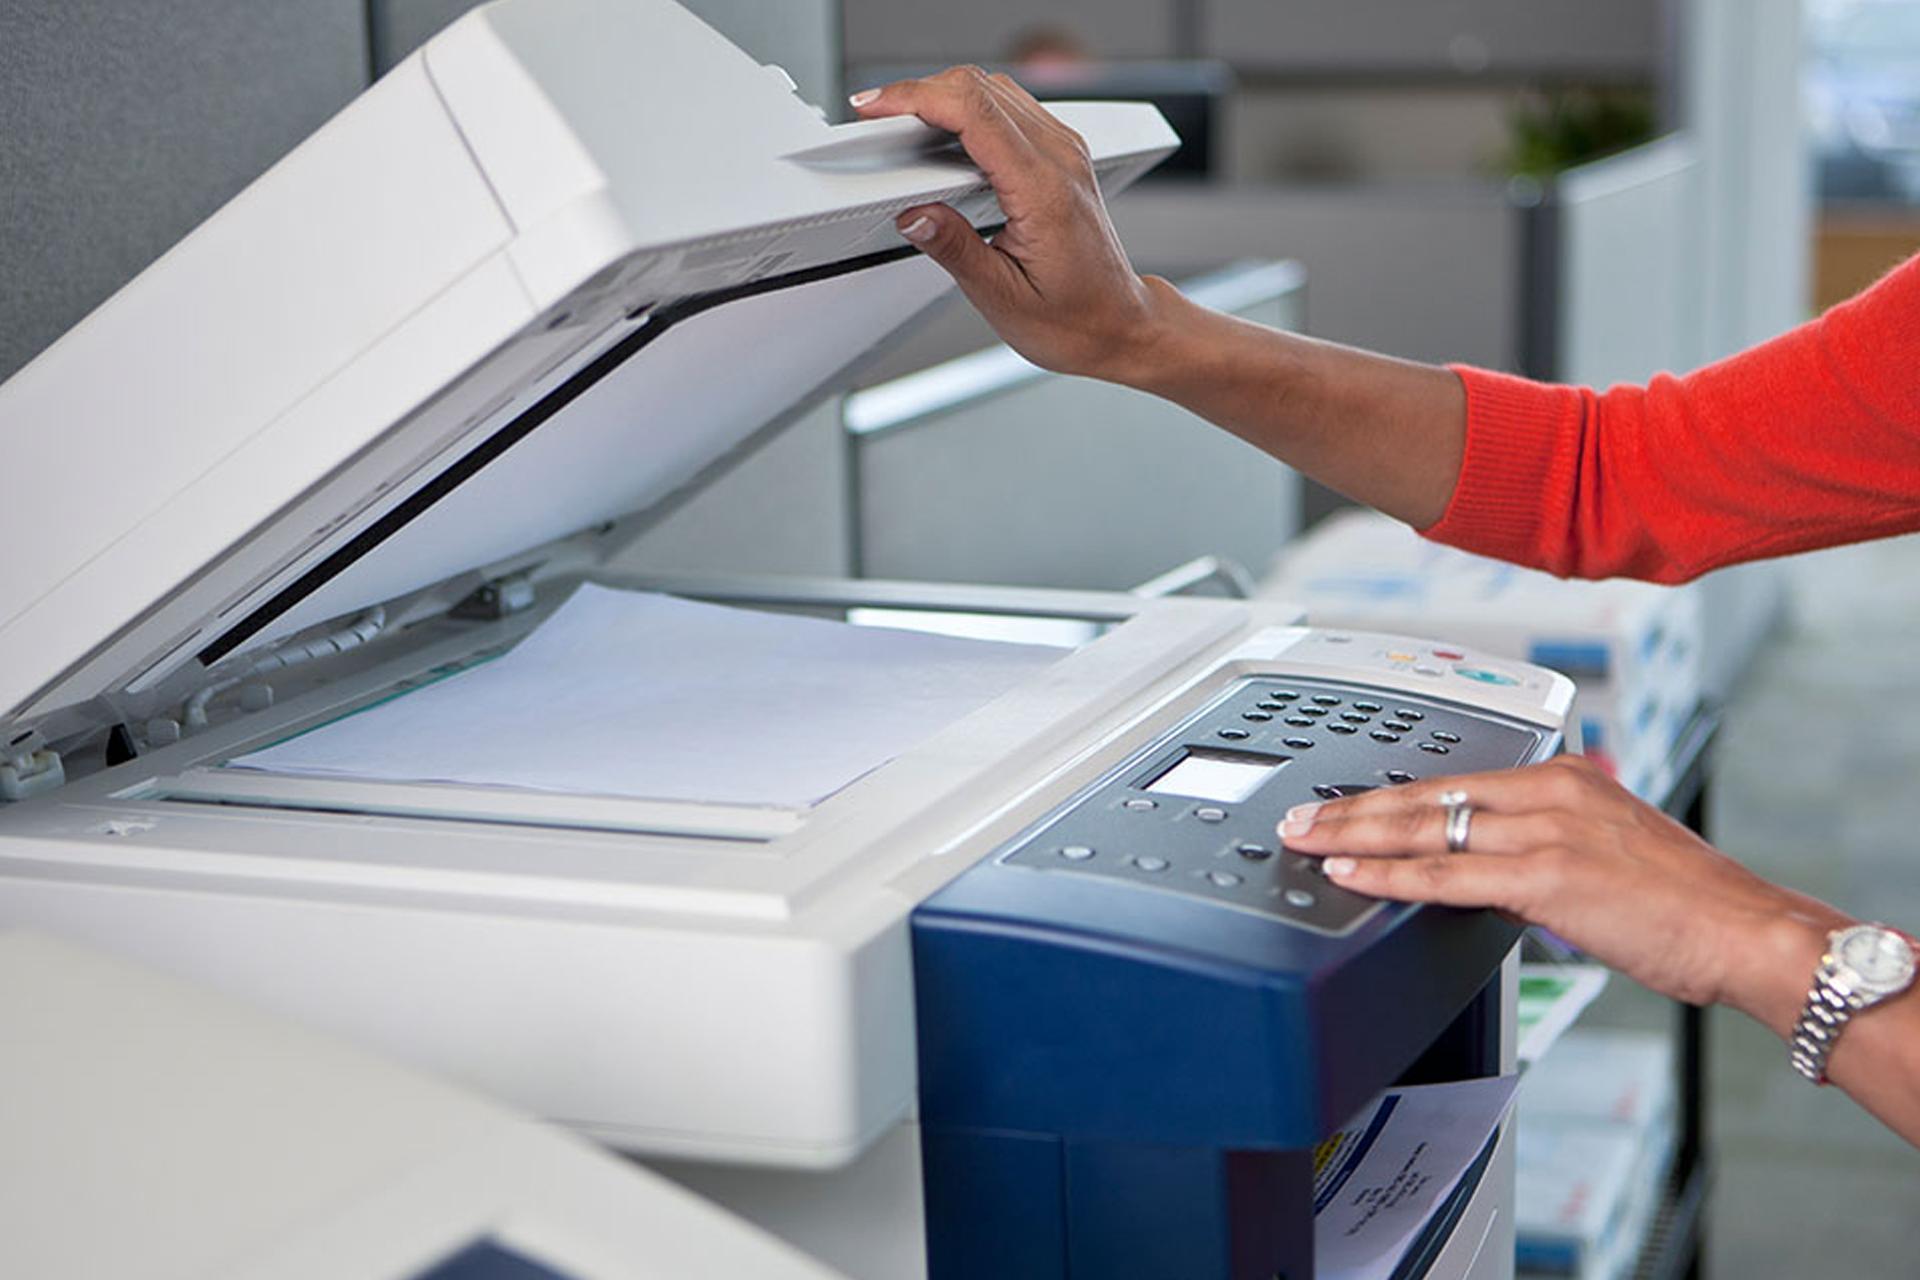 """Xerox Printer """"Offline Error"""" How To Fix?"""